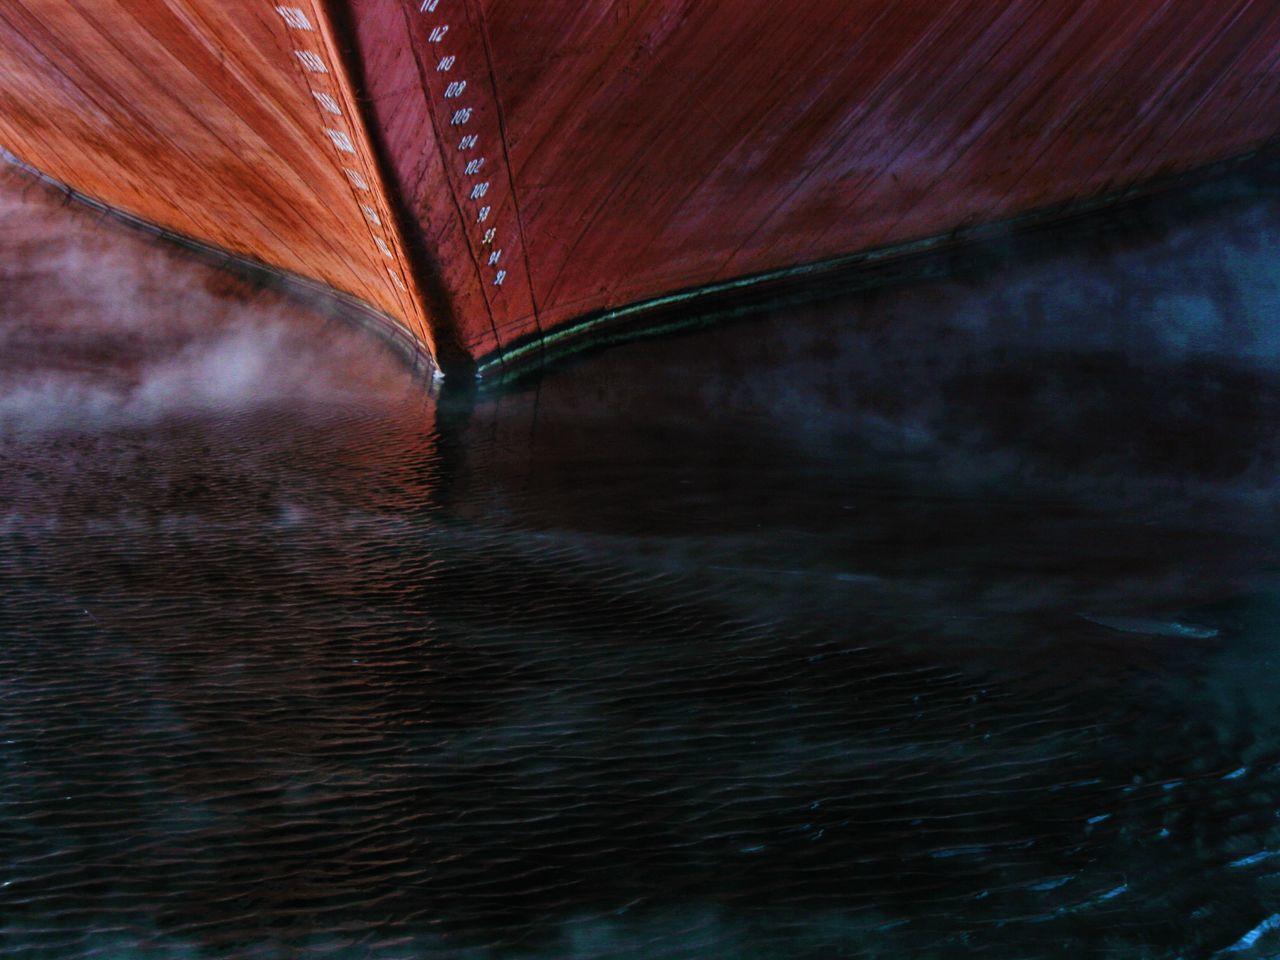 Ship on lake during winter